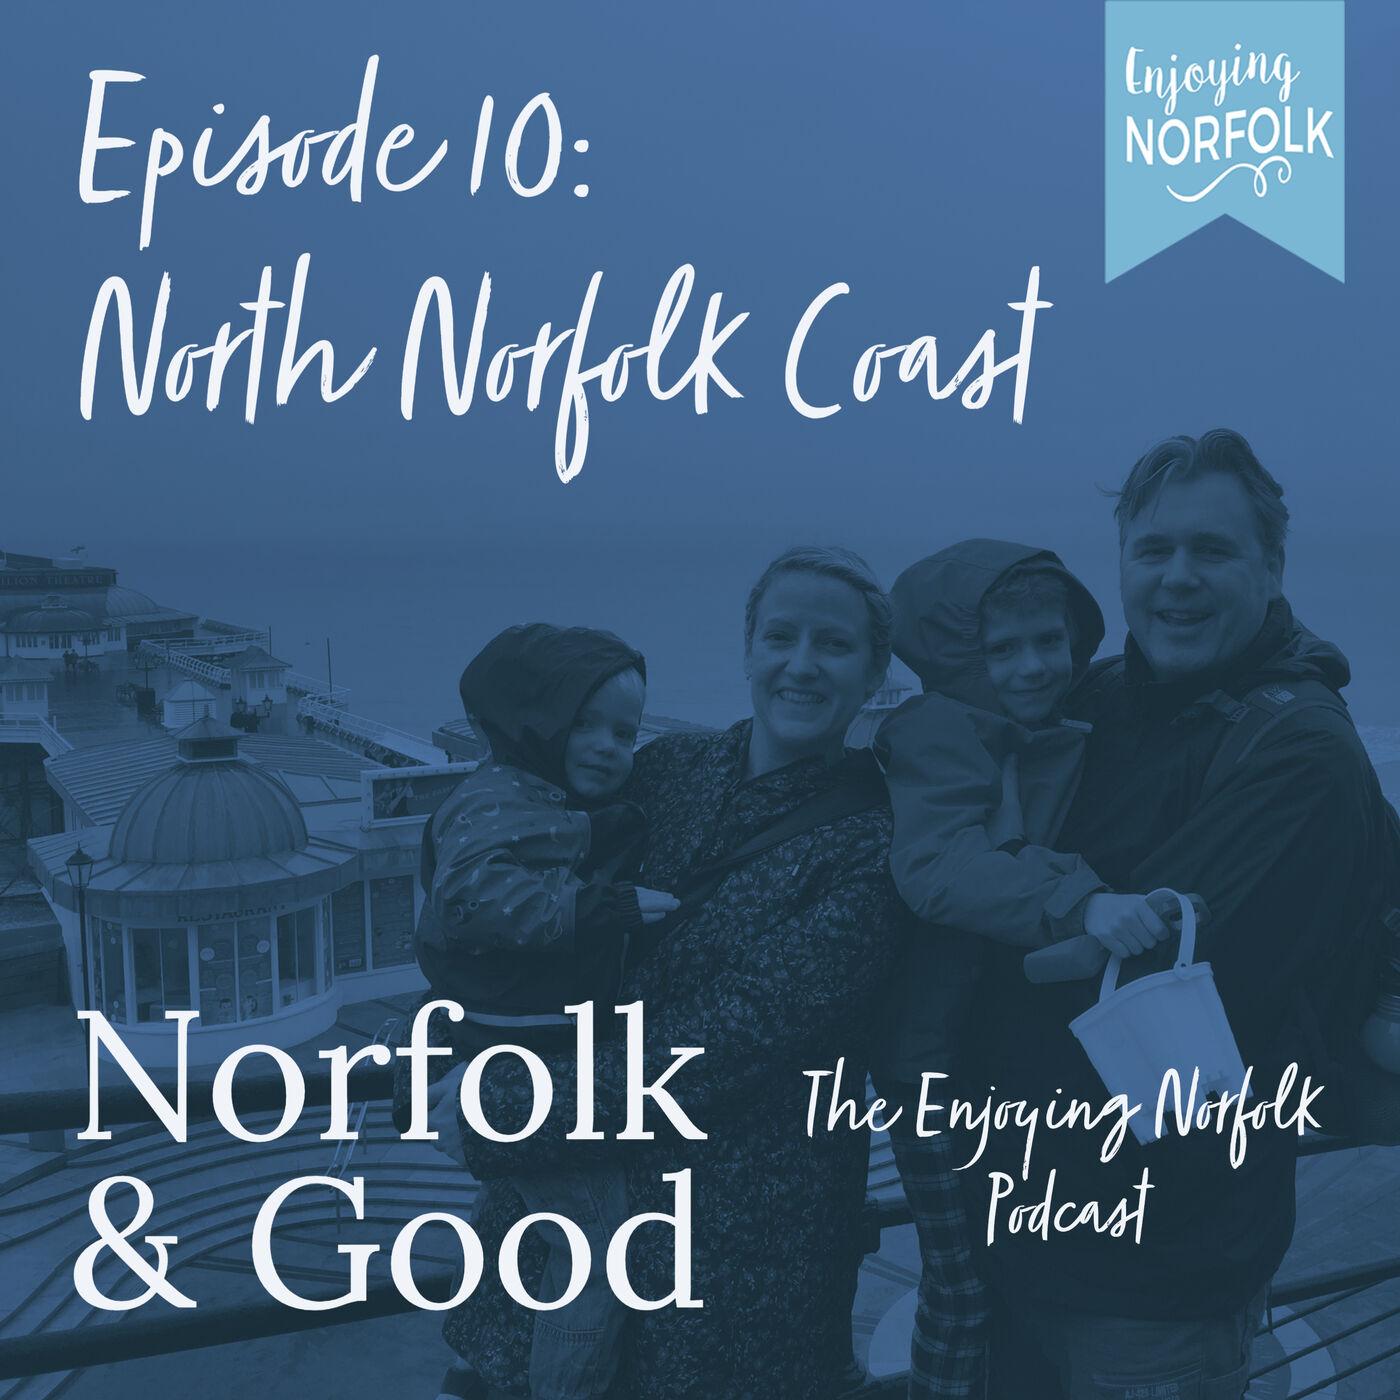 Norfolk Coast: North Norfolk Part 2